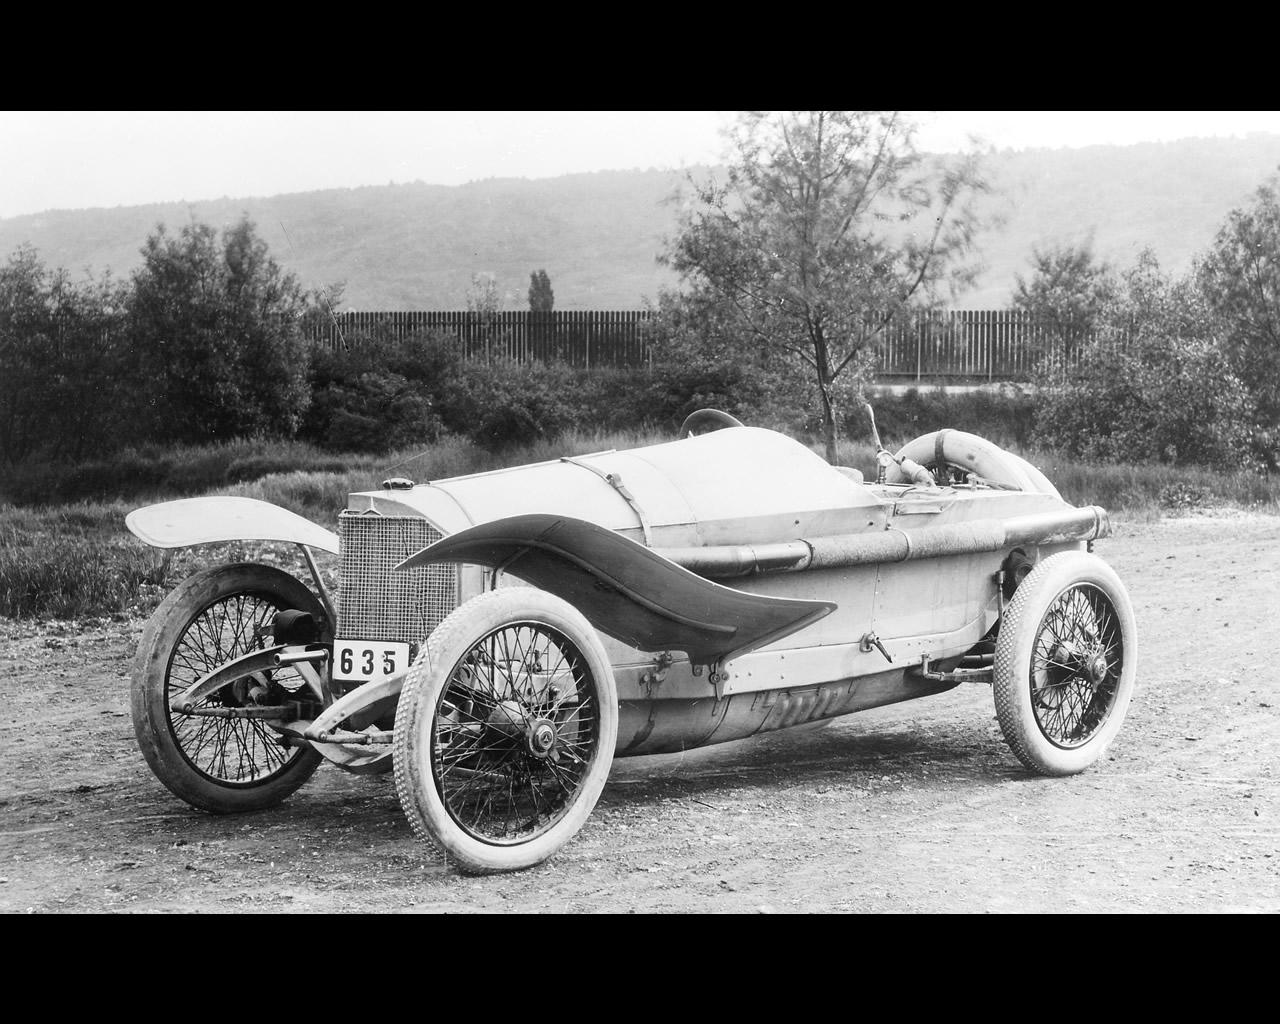 mercedes grand prix racing car 1914. Black Bedroom Furniture Sets. Home Design Ideas